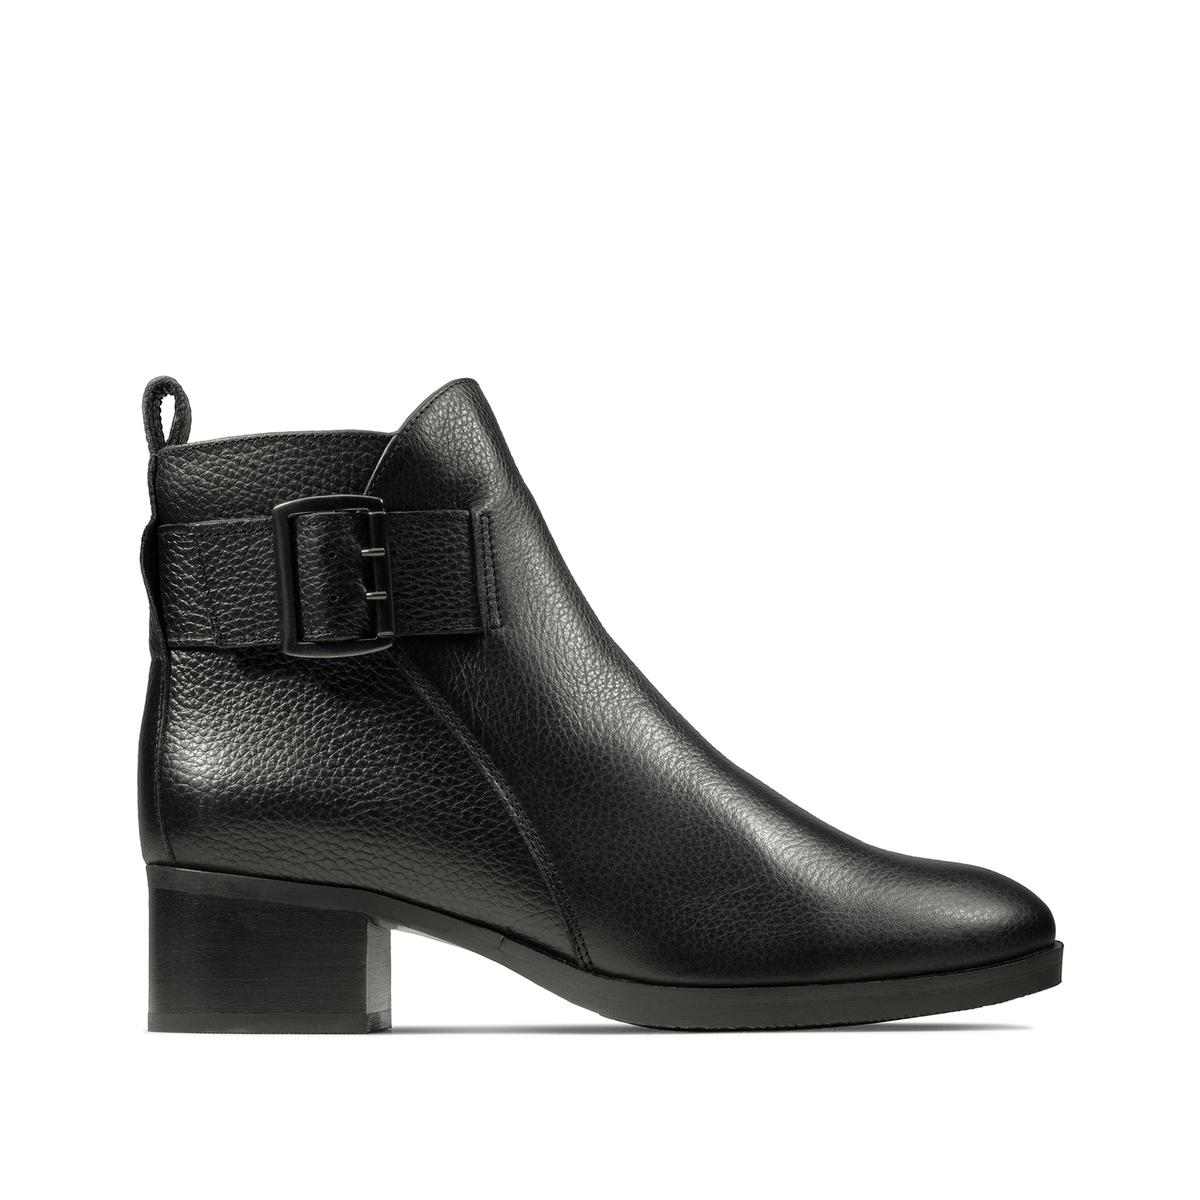 Ботинки La Redoute Кожаные на каблуке Mila Charm 40 черный lanvin кожаные туфли mila